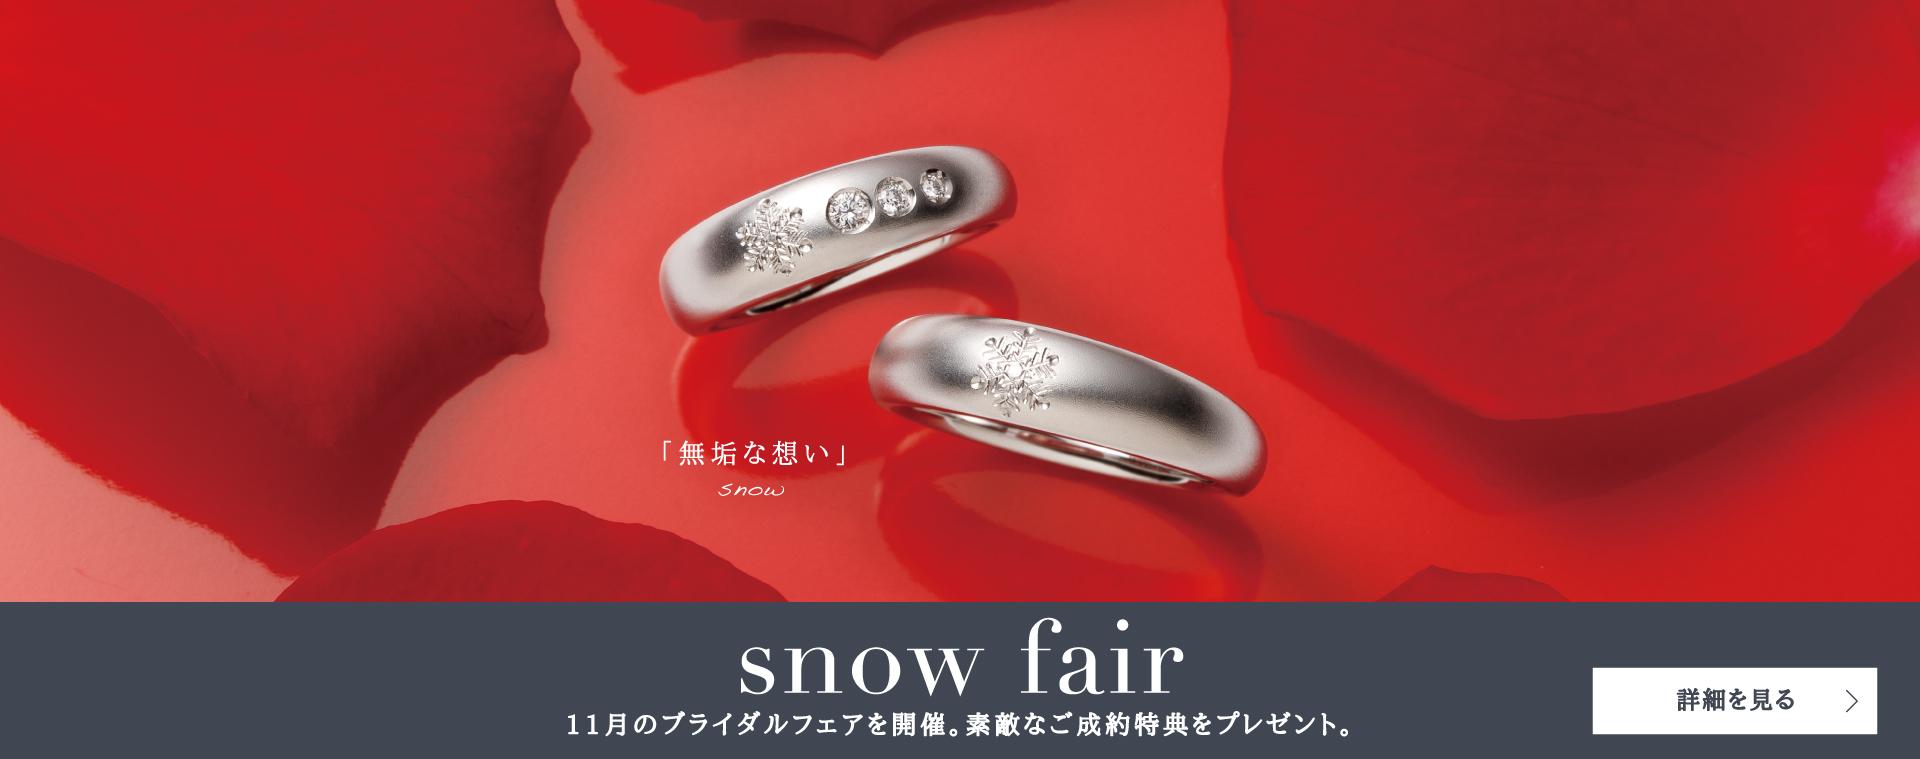 snow fair